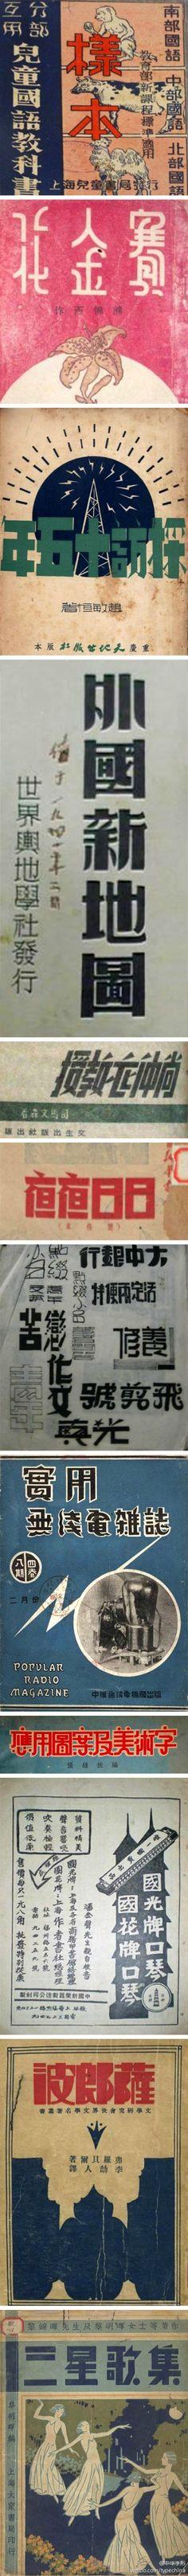 民国时期广告、书籍中的老字形分享,时代感强烈的老字形醒目并令人愉悦